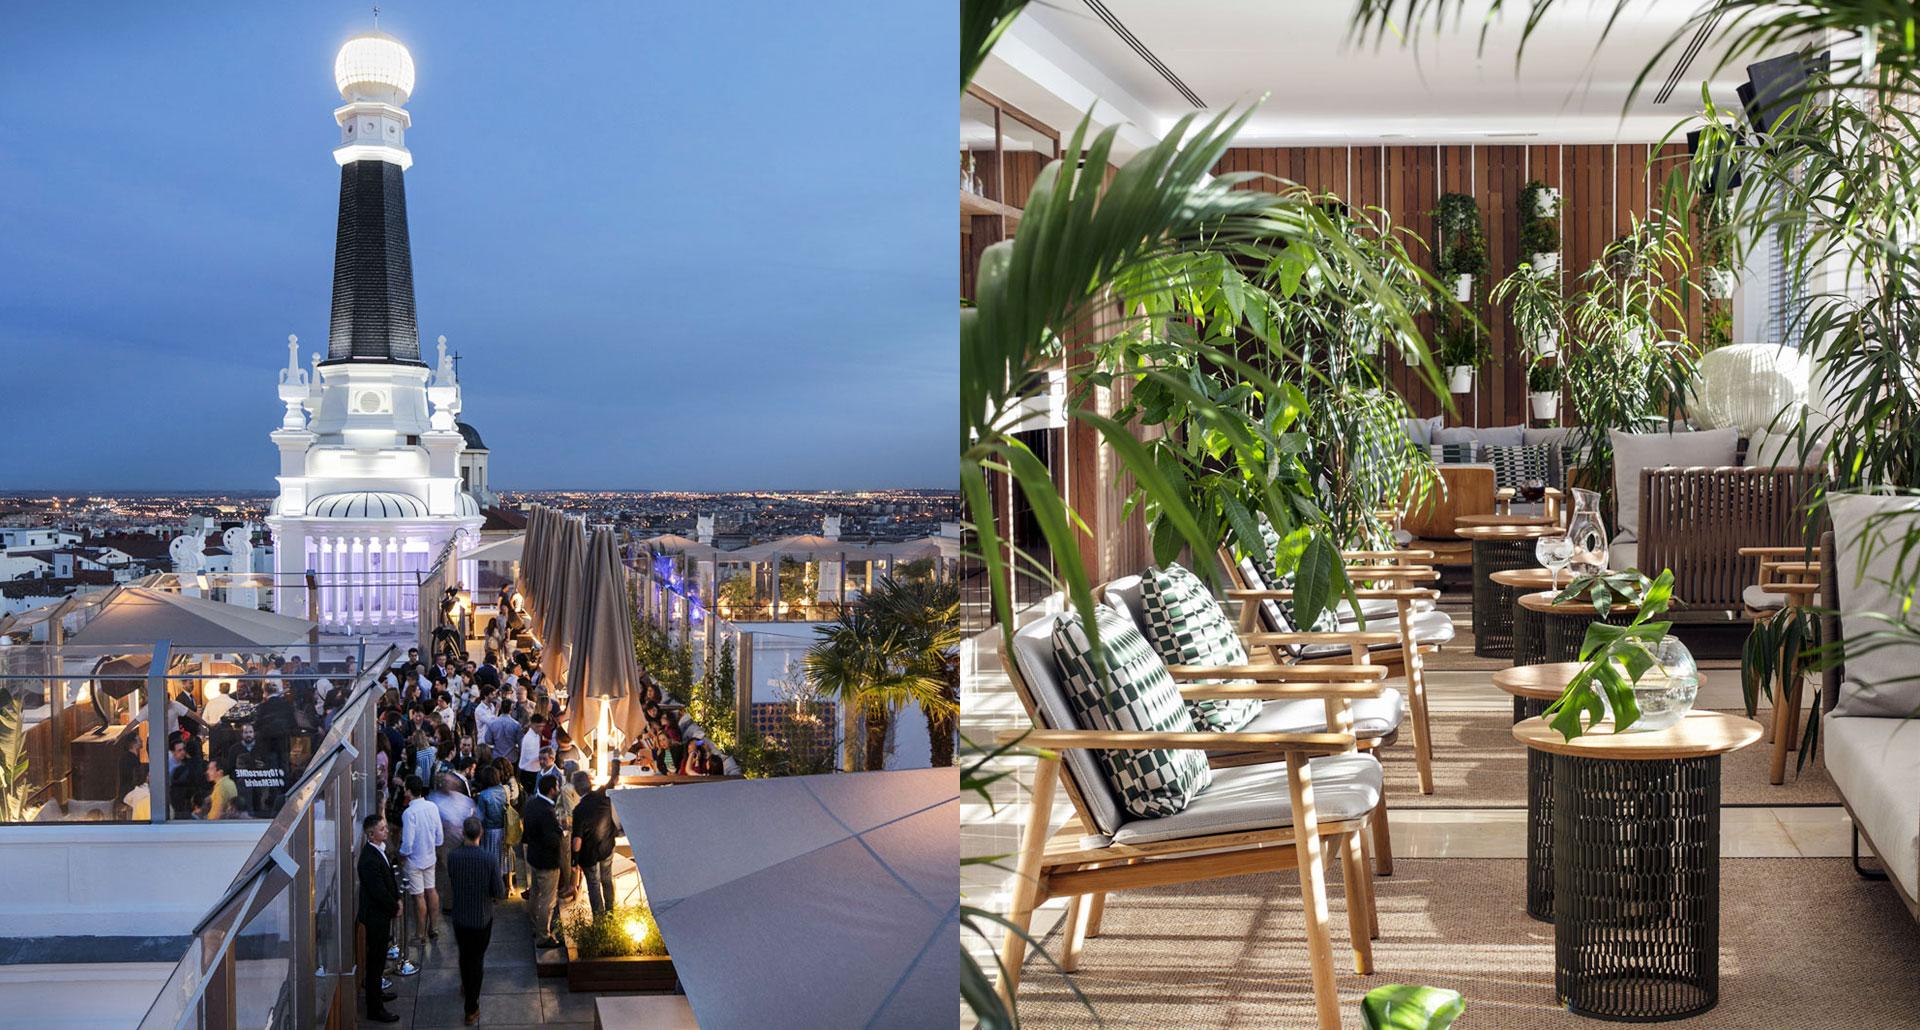 ME Madrid - best nightlife boutique hotel in Madrid, Spain